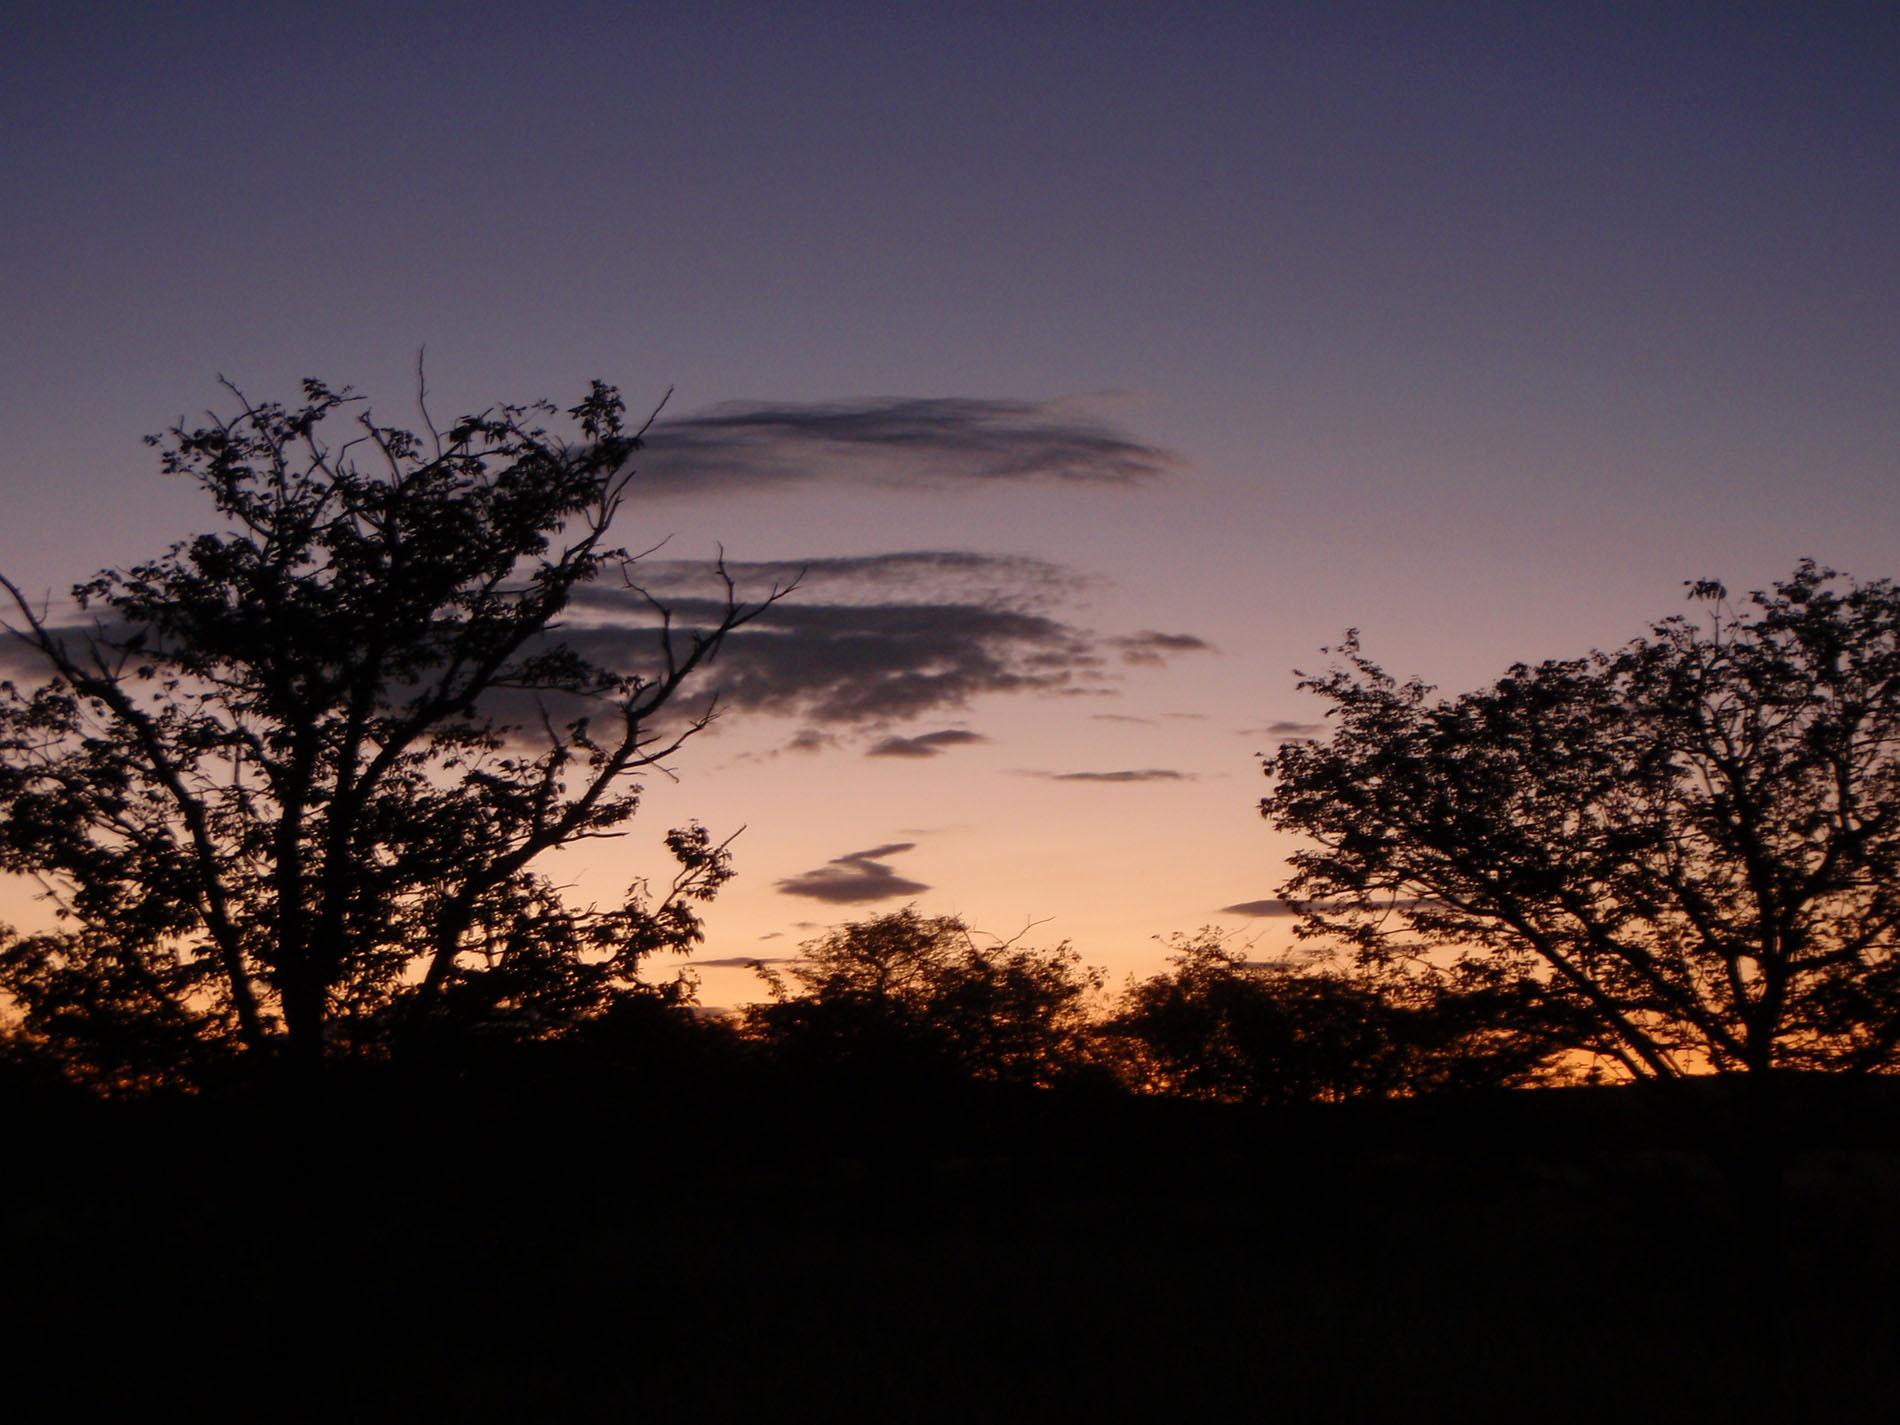 Abend in der Etosha